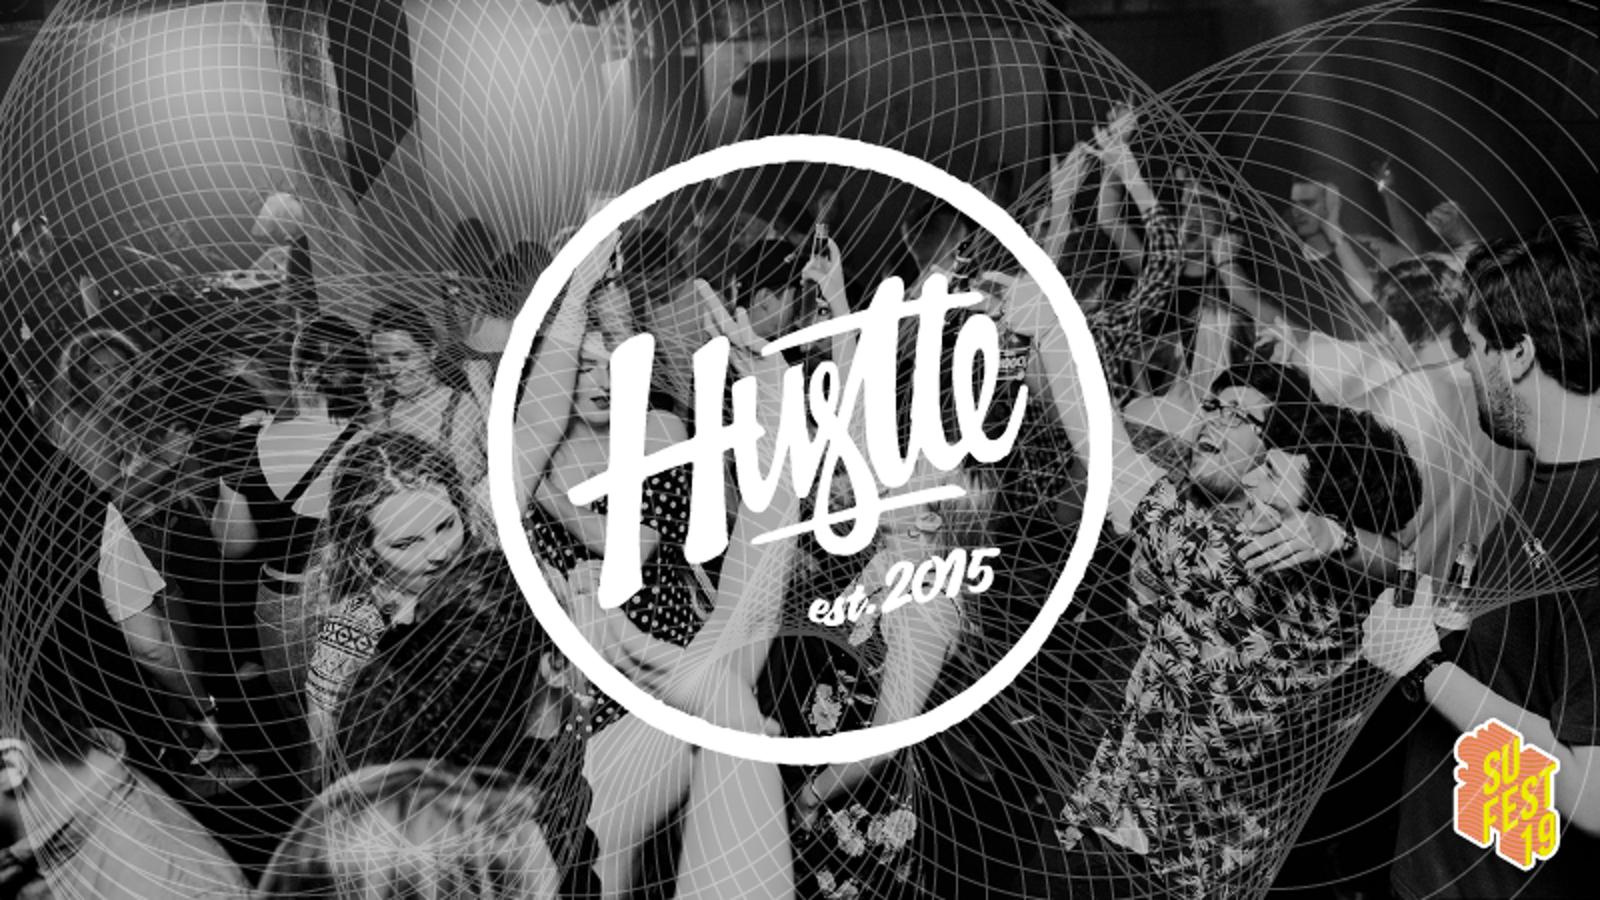 Hustle • SU Fest 19 • Club Nights